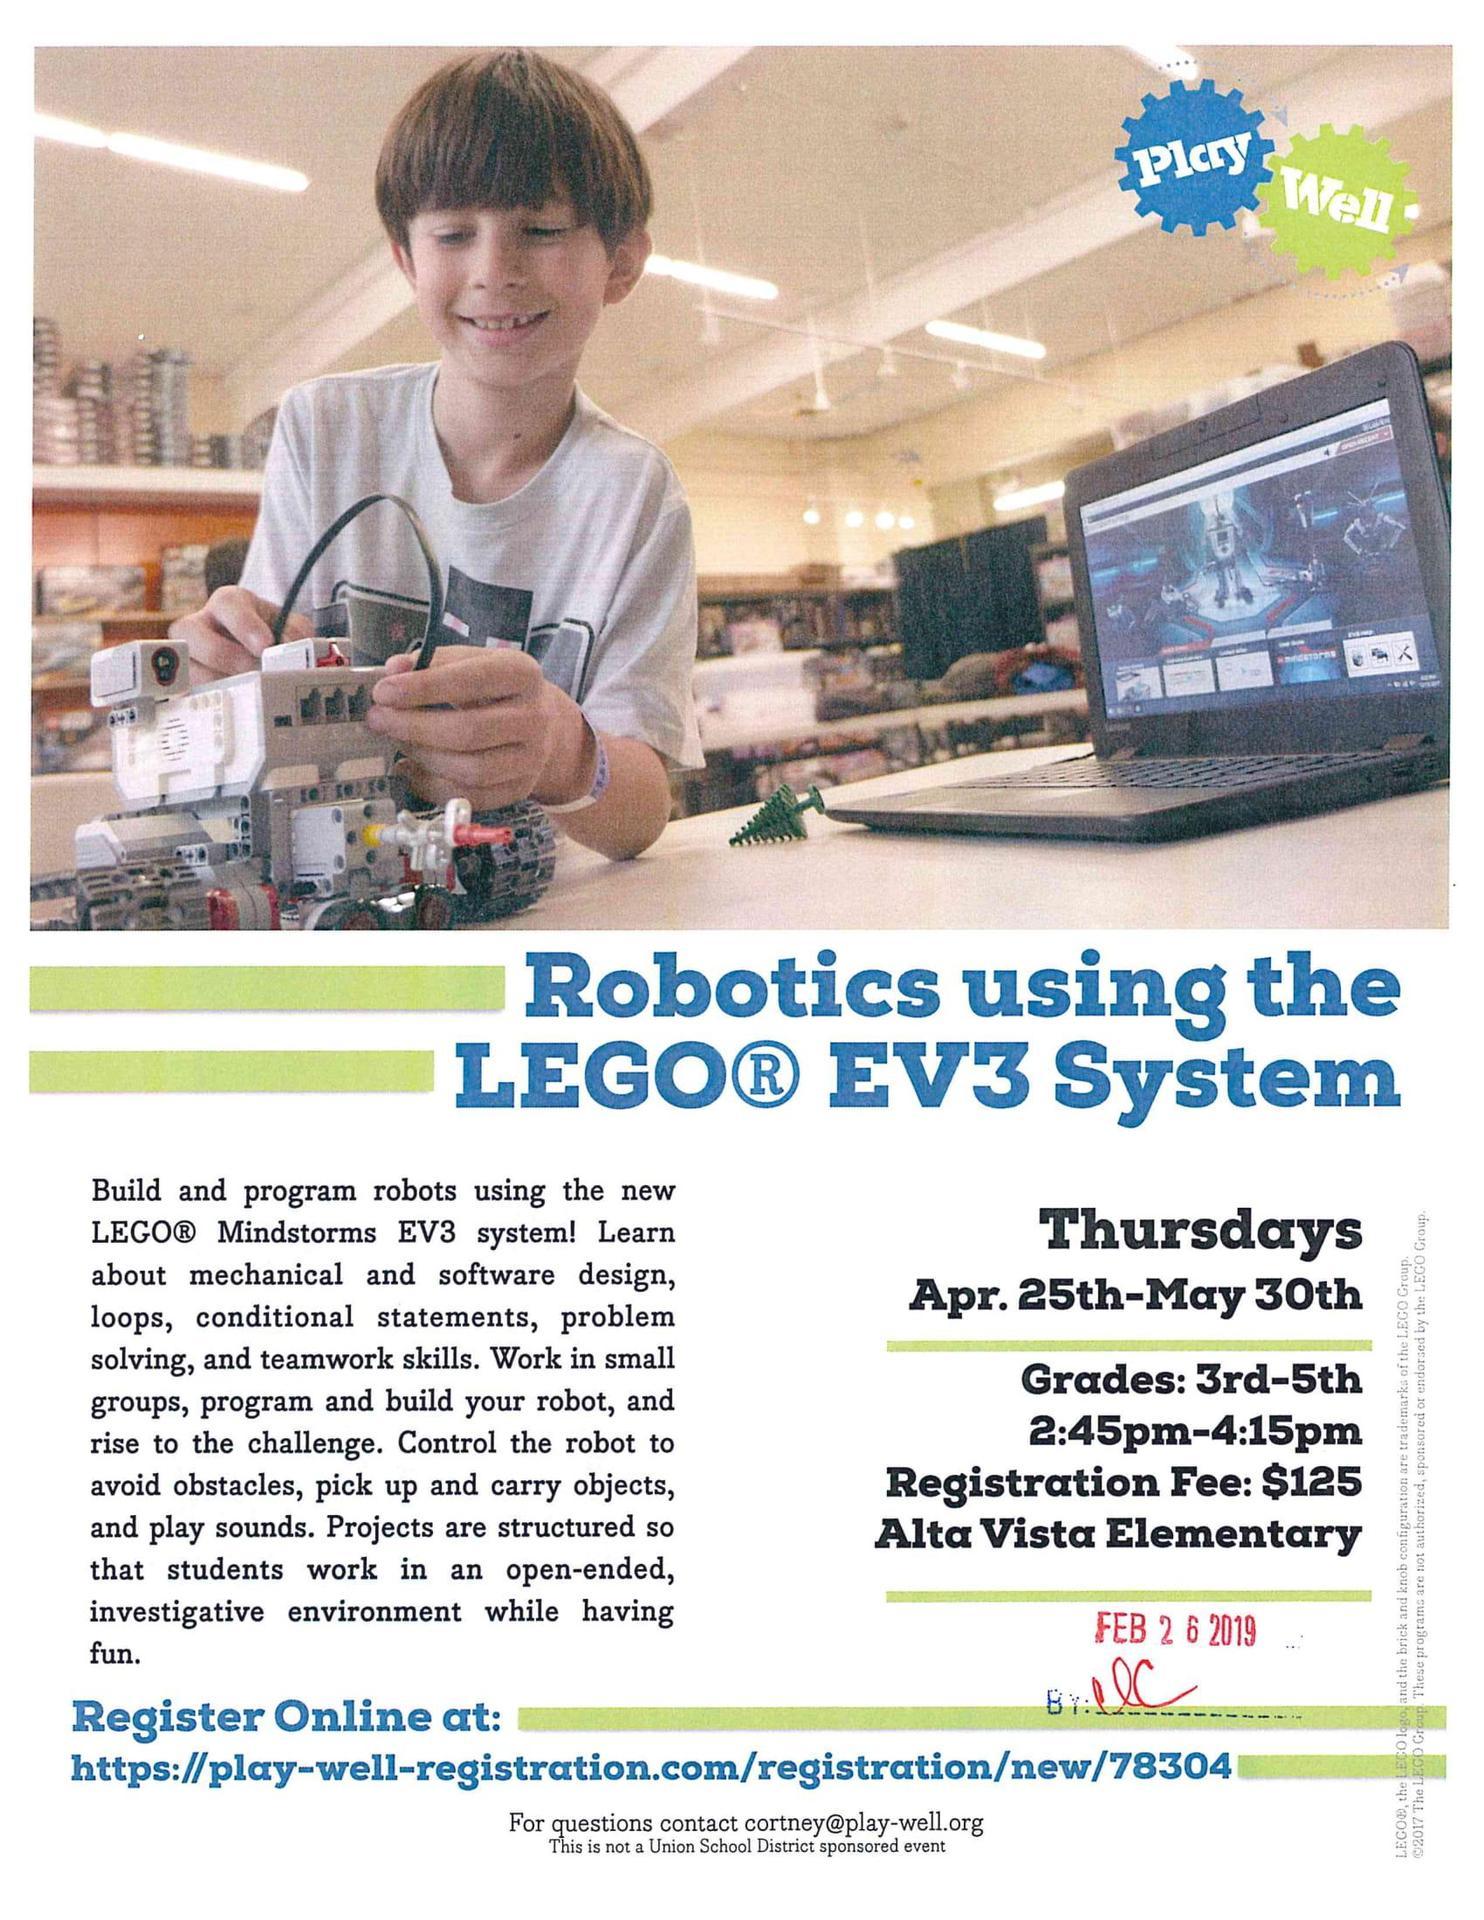 Robotics using the LEGO EV3 System